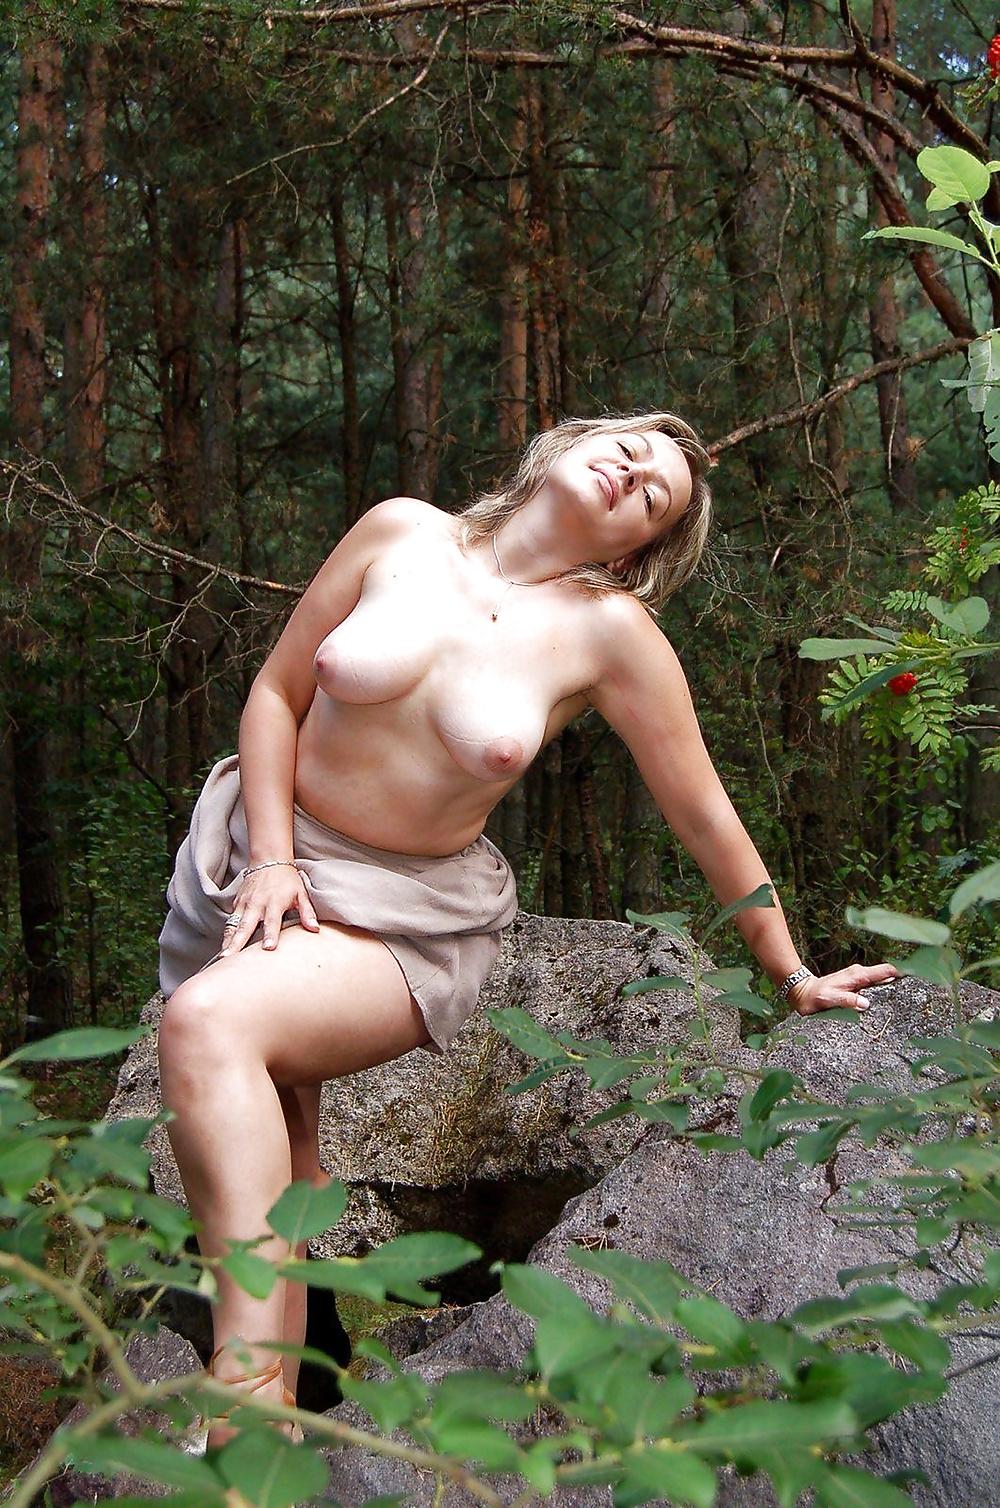 Где откровенные порно фото в лесу зрелых баб